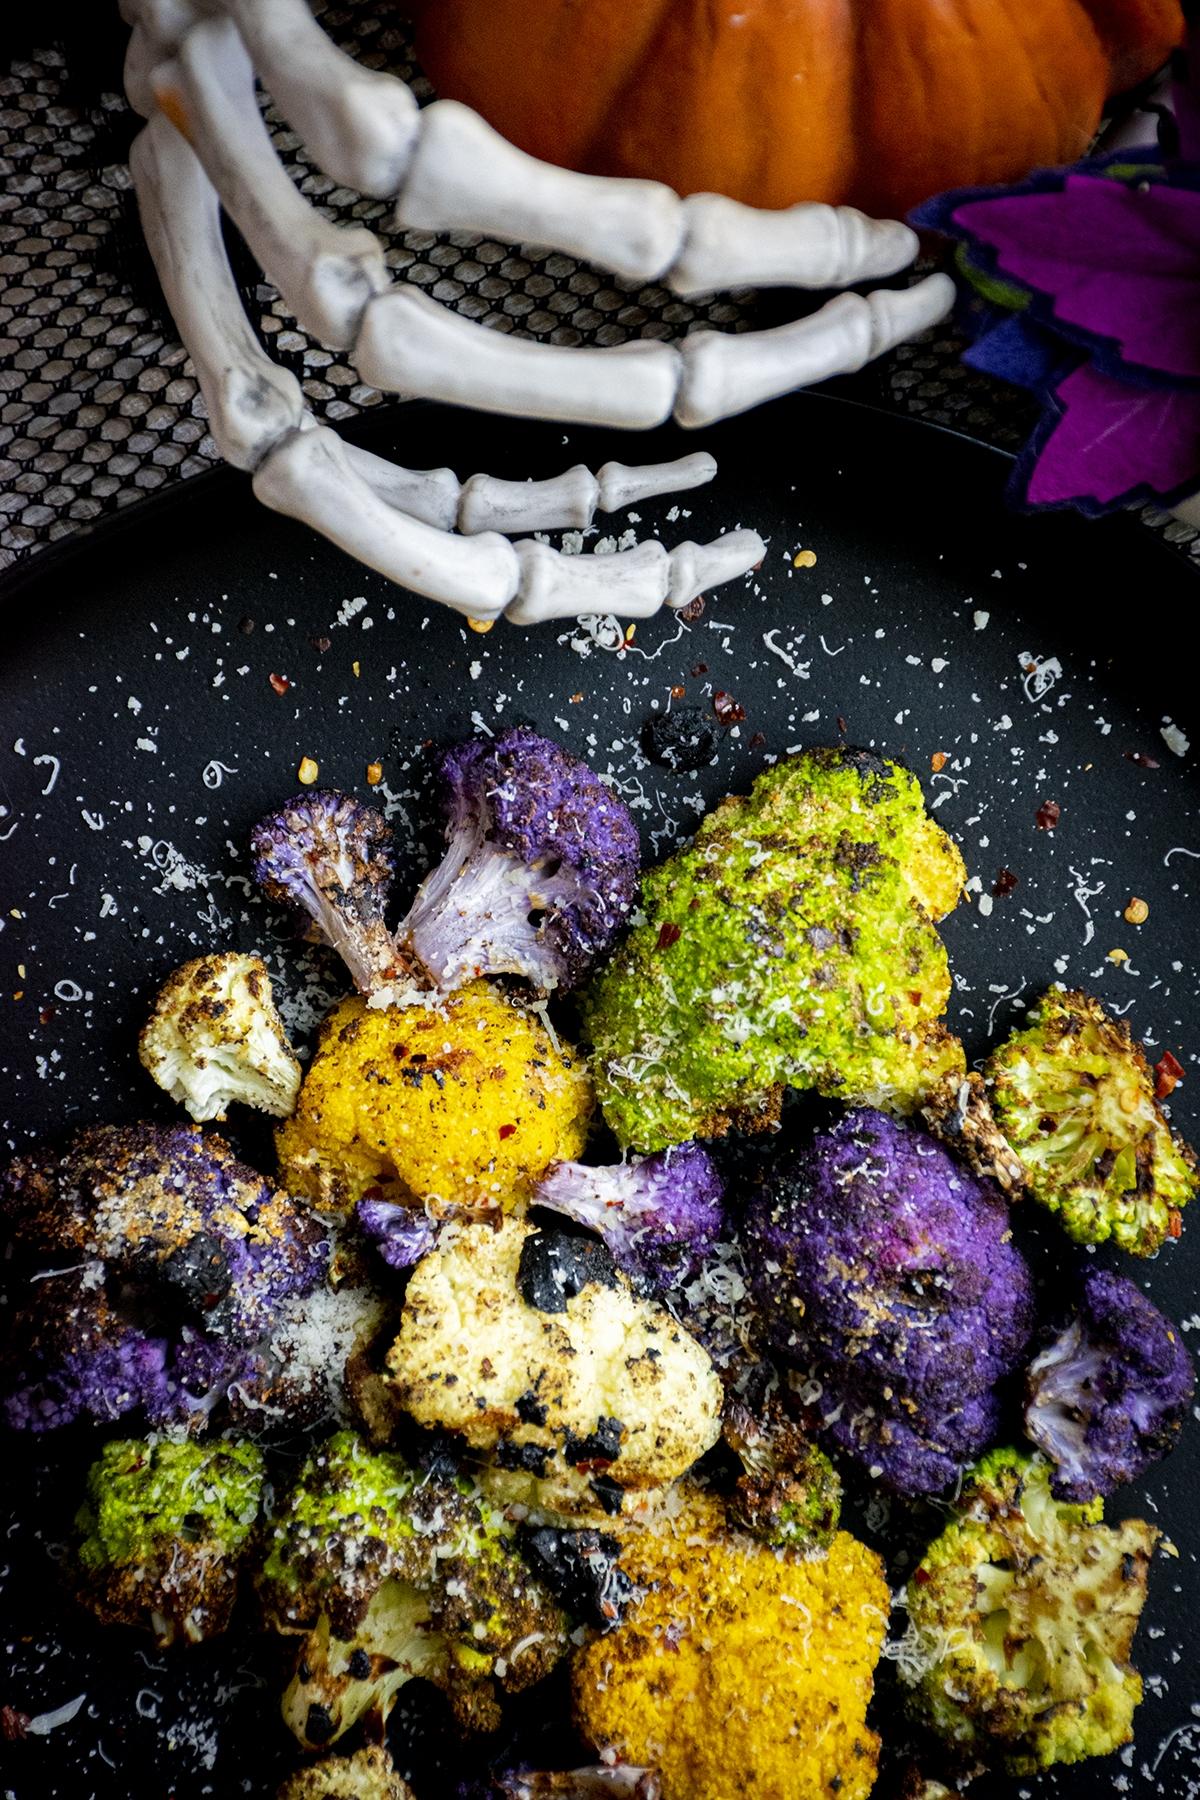 cobwebbed cauliflower